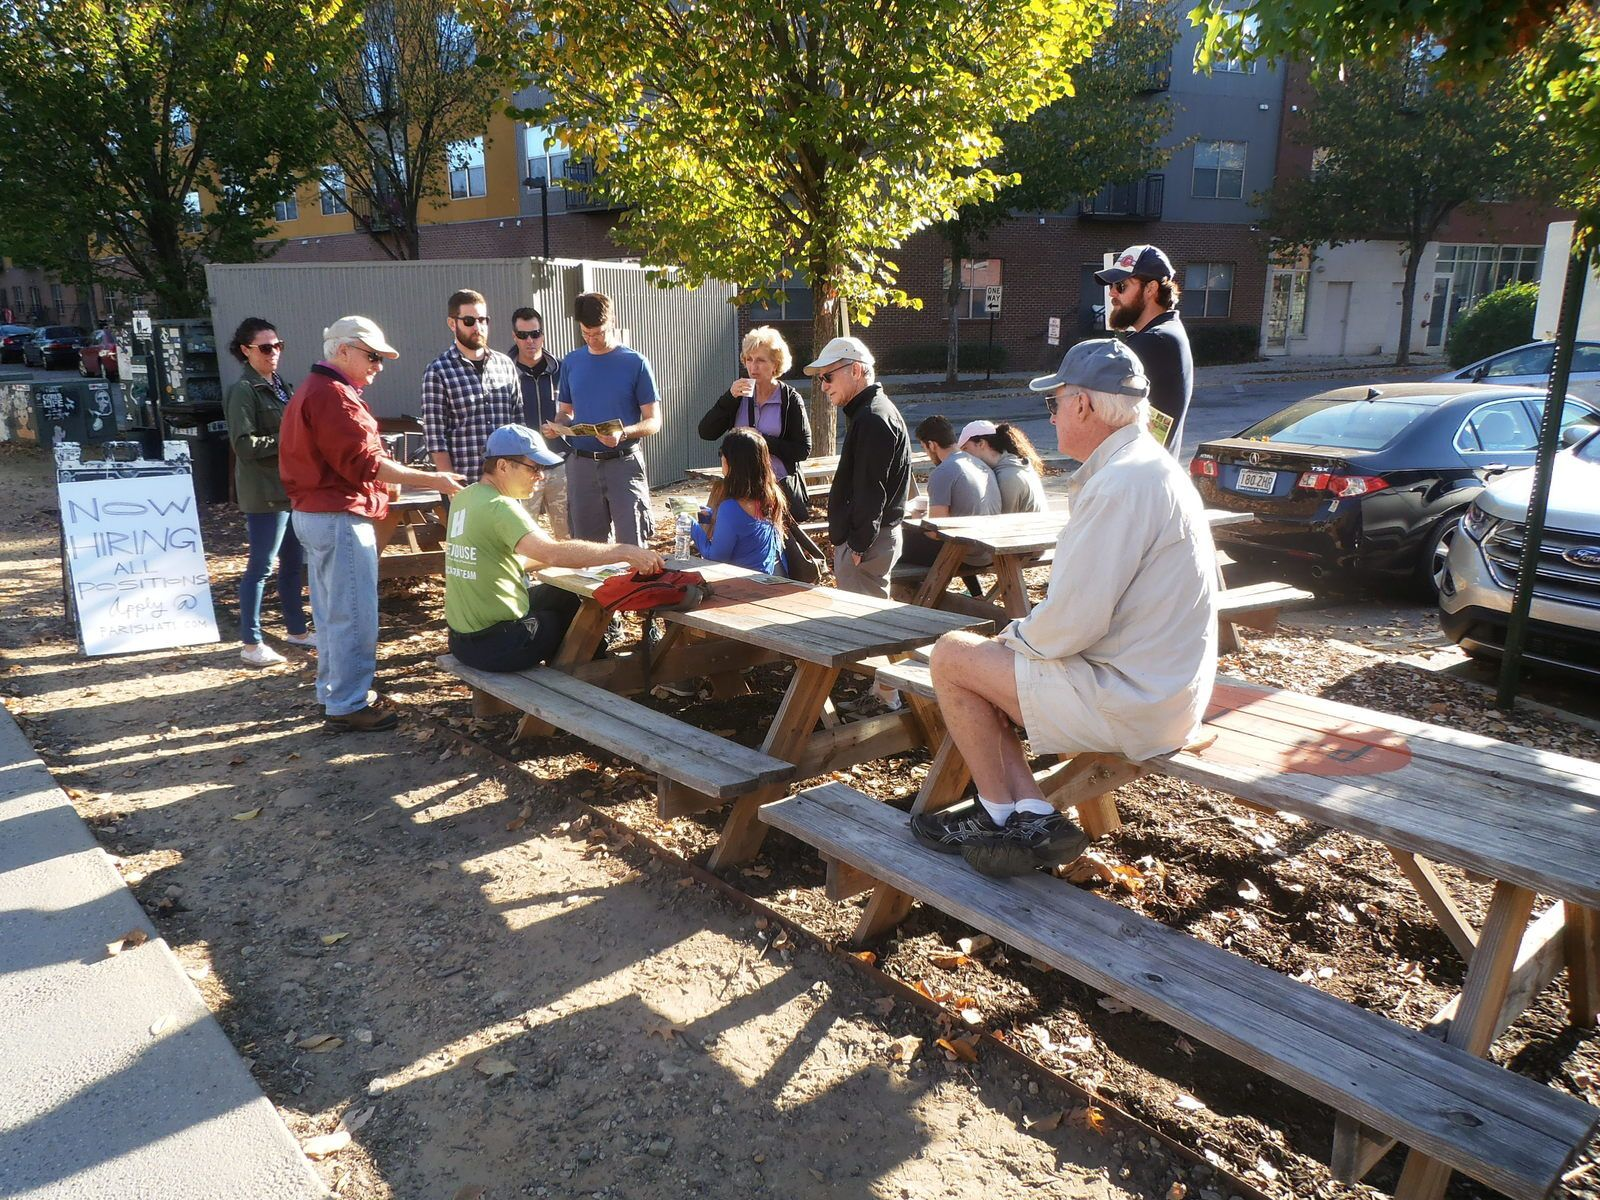 """Bob (tee-shirt vert) accueille les participants à la promenade : nous serons 20 à suivre ses explications tout au long du parcours. Il a déjà acquis une grande expérience de ce genre d'activité au sein de l'association """"Trees Atlanta"""". Certains visiteurs viennent sur leur temps de travail, petit cadeau de leur entreprise…"""